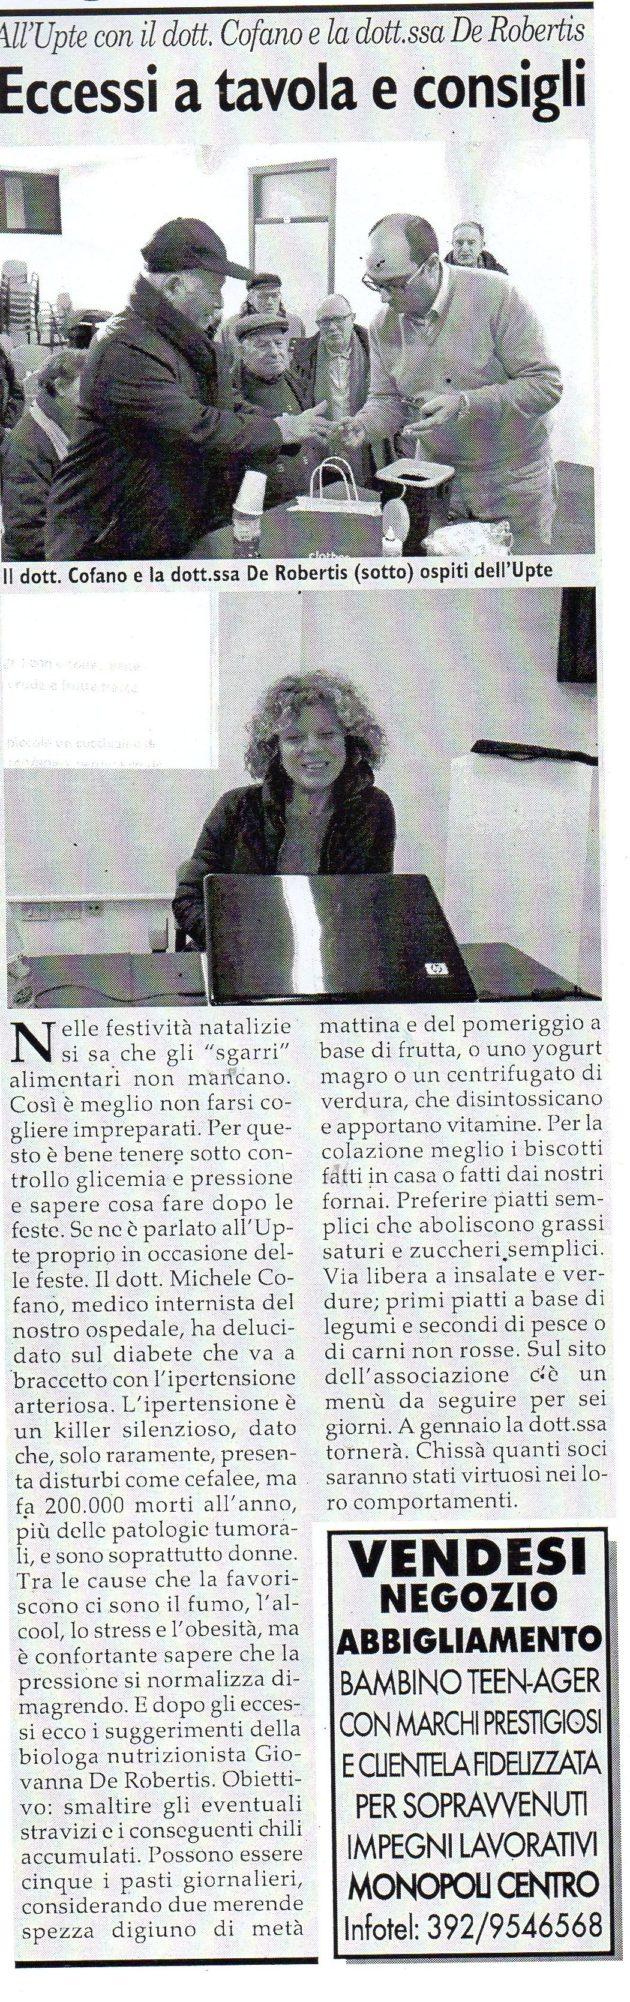 Cofano e Derobertis su Fax del 30 dicembre 2017